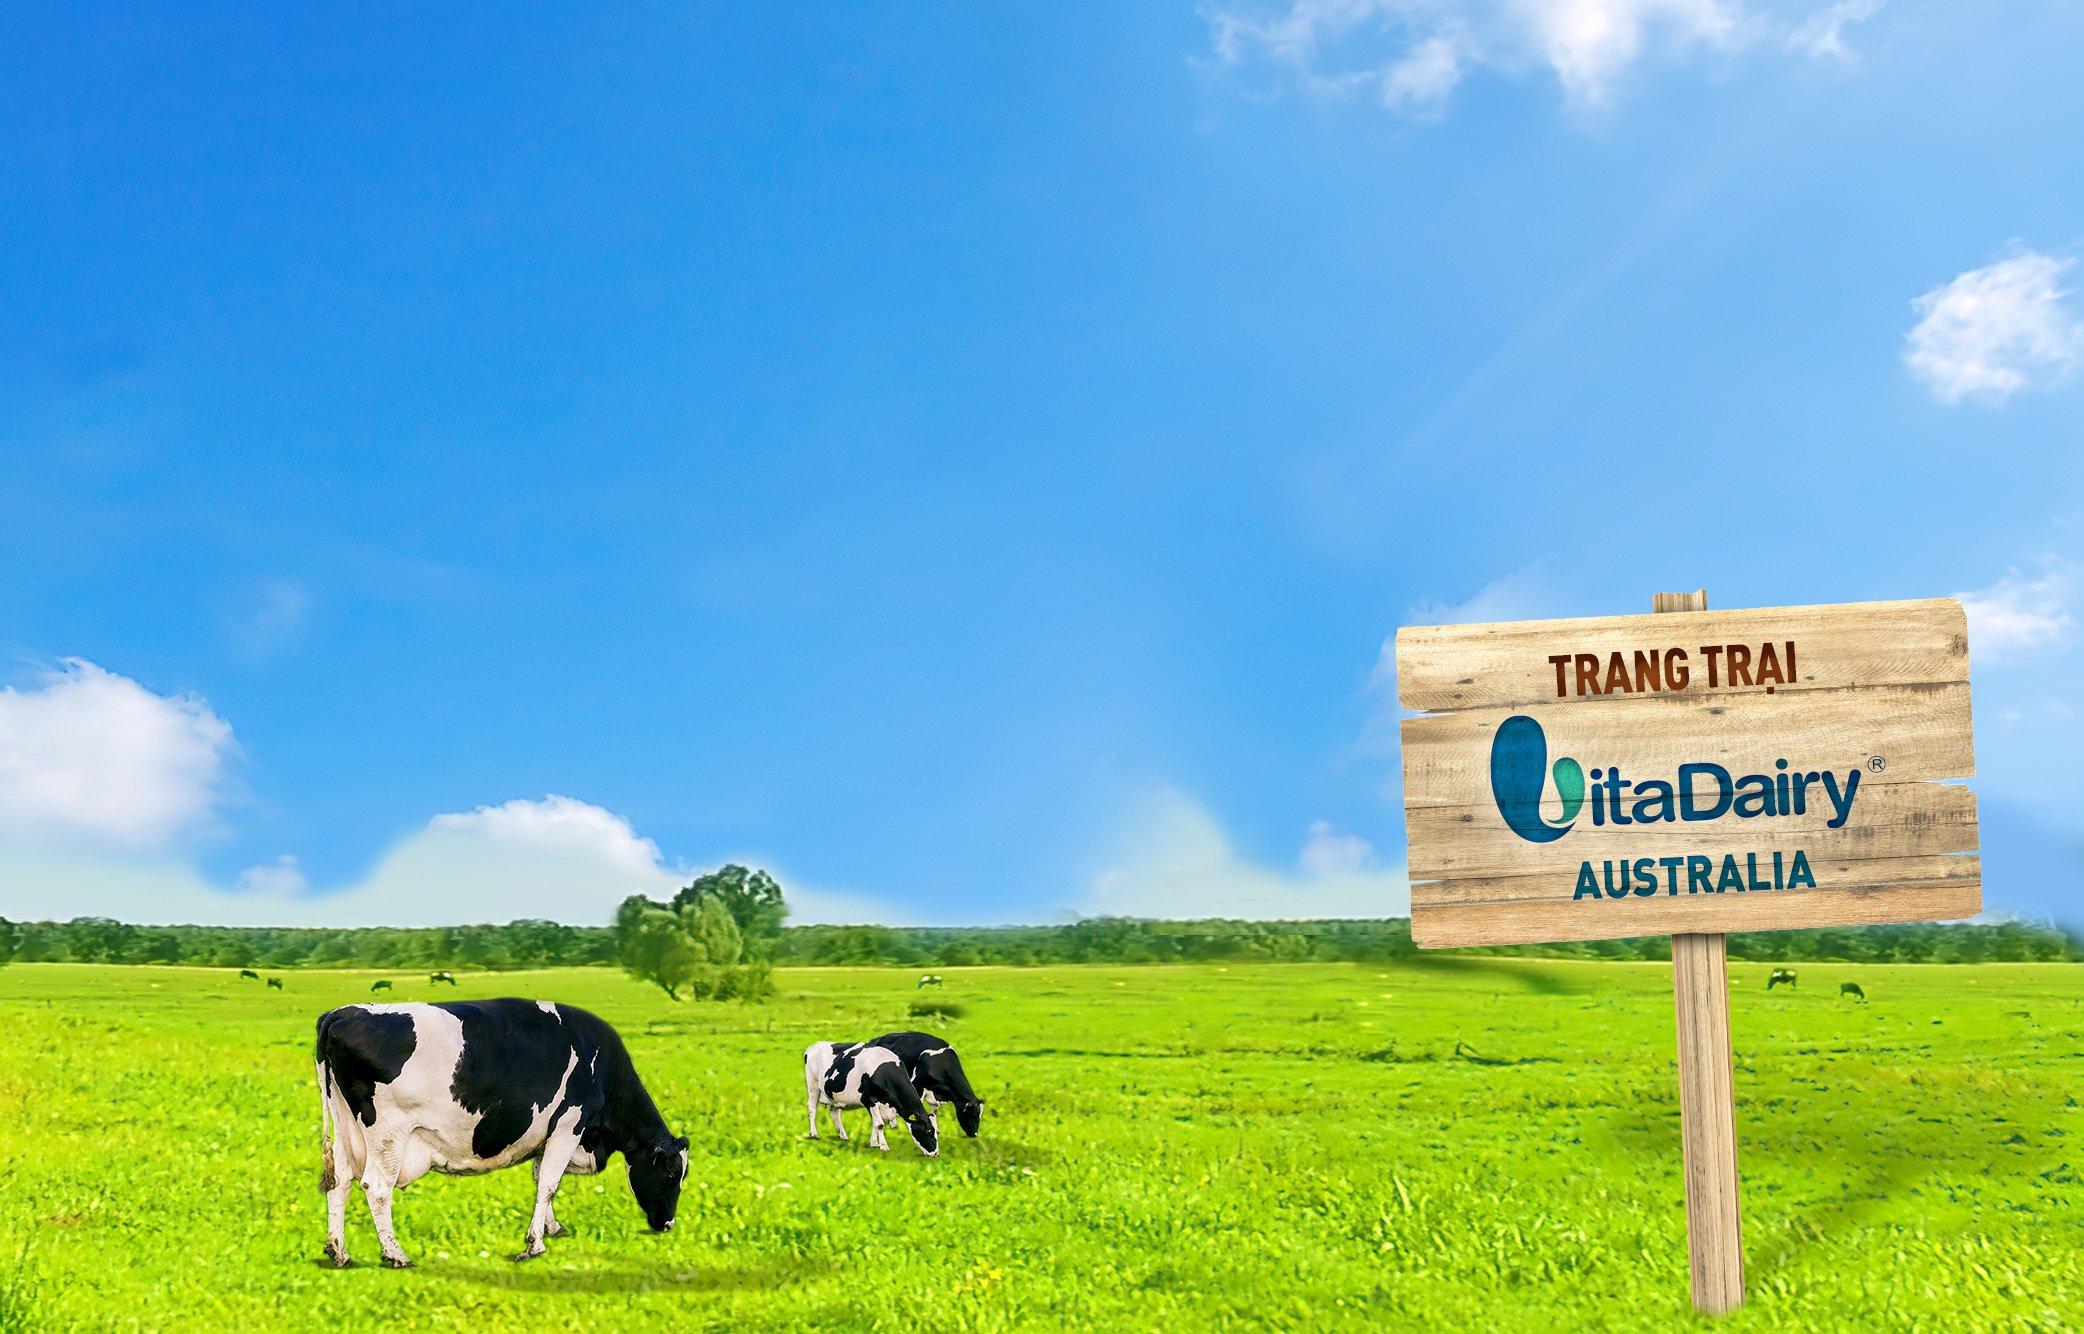 VitaDairy chọn đảo Tasmania của châu Úc vì đây là vùng đất trong lành nhất thế giới (theo nhóm nghiên cứu từ Đại học Colorado). Ảnh: VitaDairy